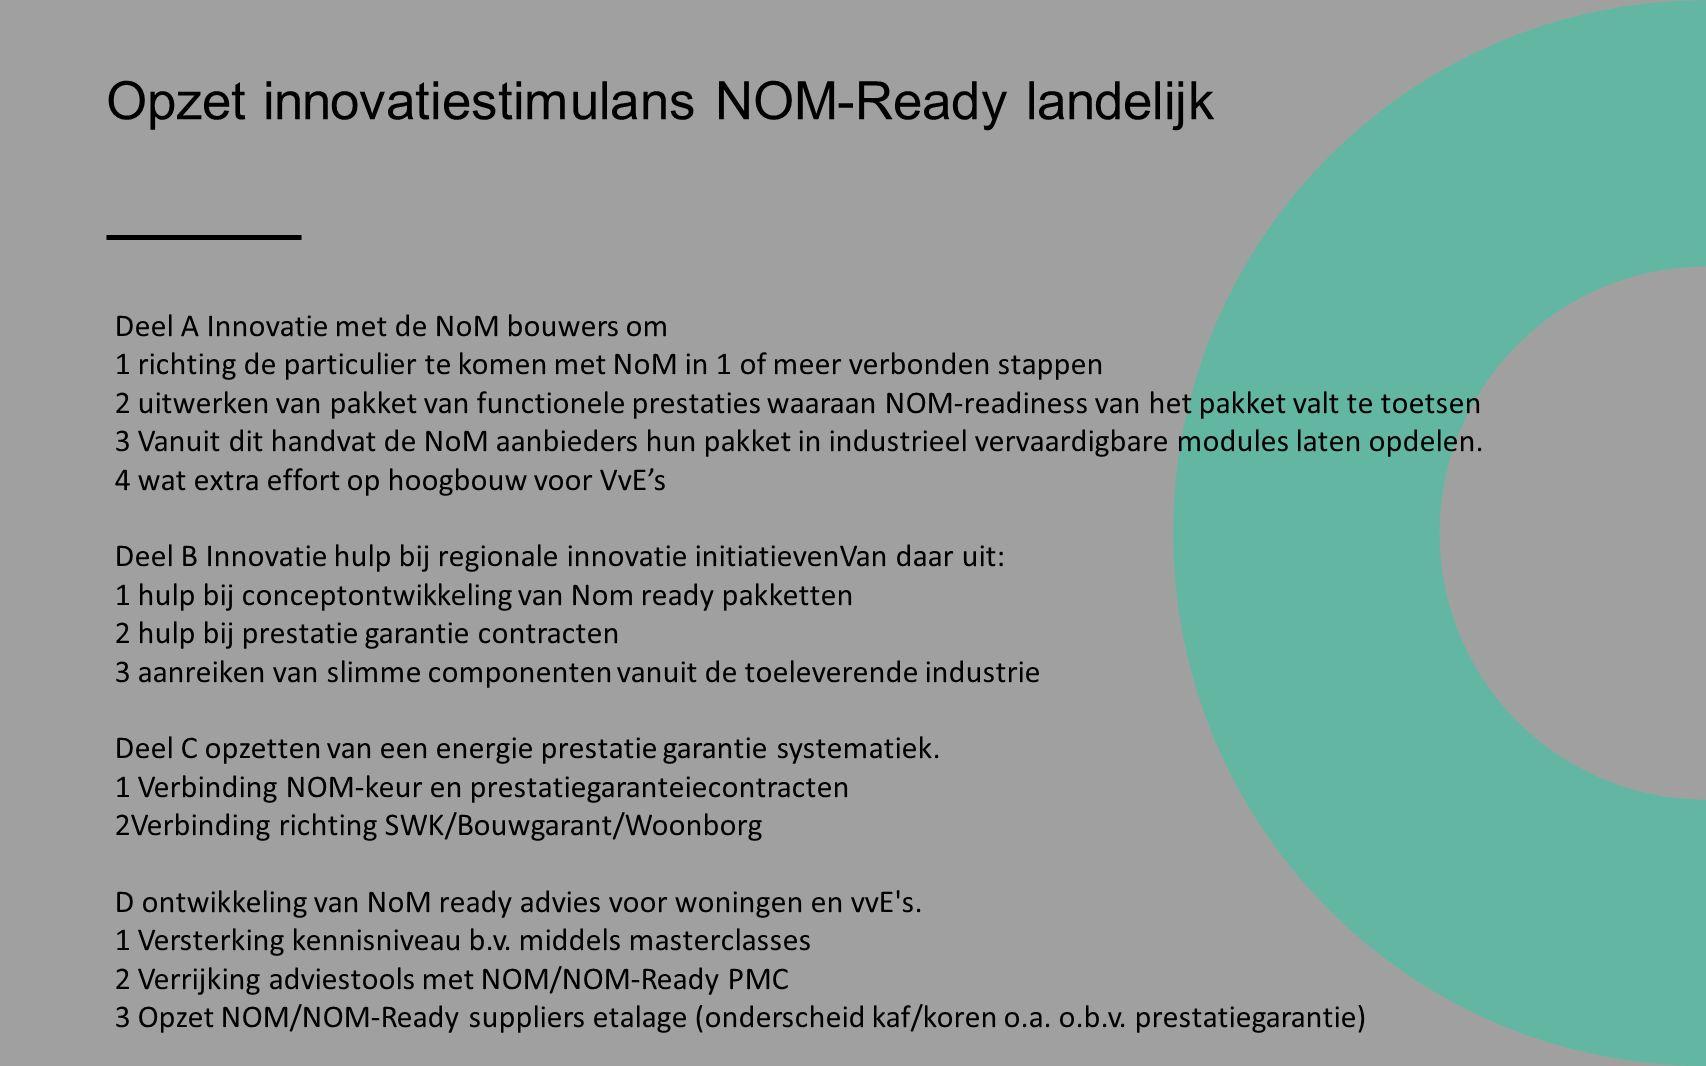 Opzet innovatiestimulans NOM-Ready landelijk Deel A Innovatie met de NoM bouwers om 1 richting de particulier te komen met NoM in 1 of meer verbonden stappen 2 uitwerken van pakket van functionele prestaties waaraan NOM-readiness van het pakket valt te toetsen 3 Vanuit dit handvat de NoM aanbieders hun pakket in industrieel vervaardigbare modules laten opdelen.